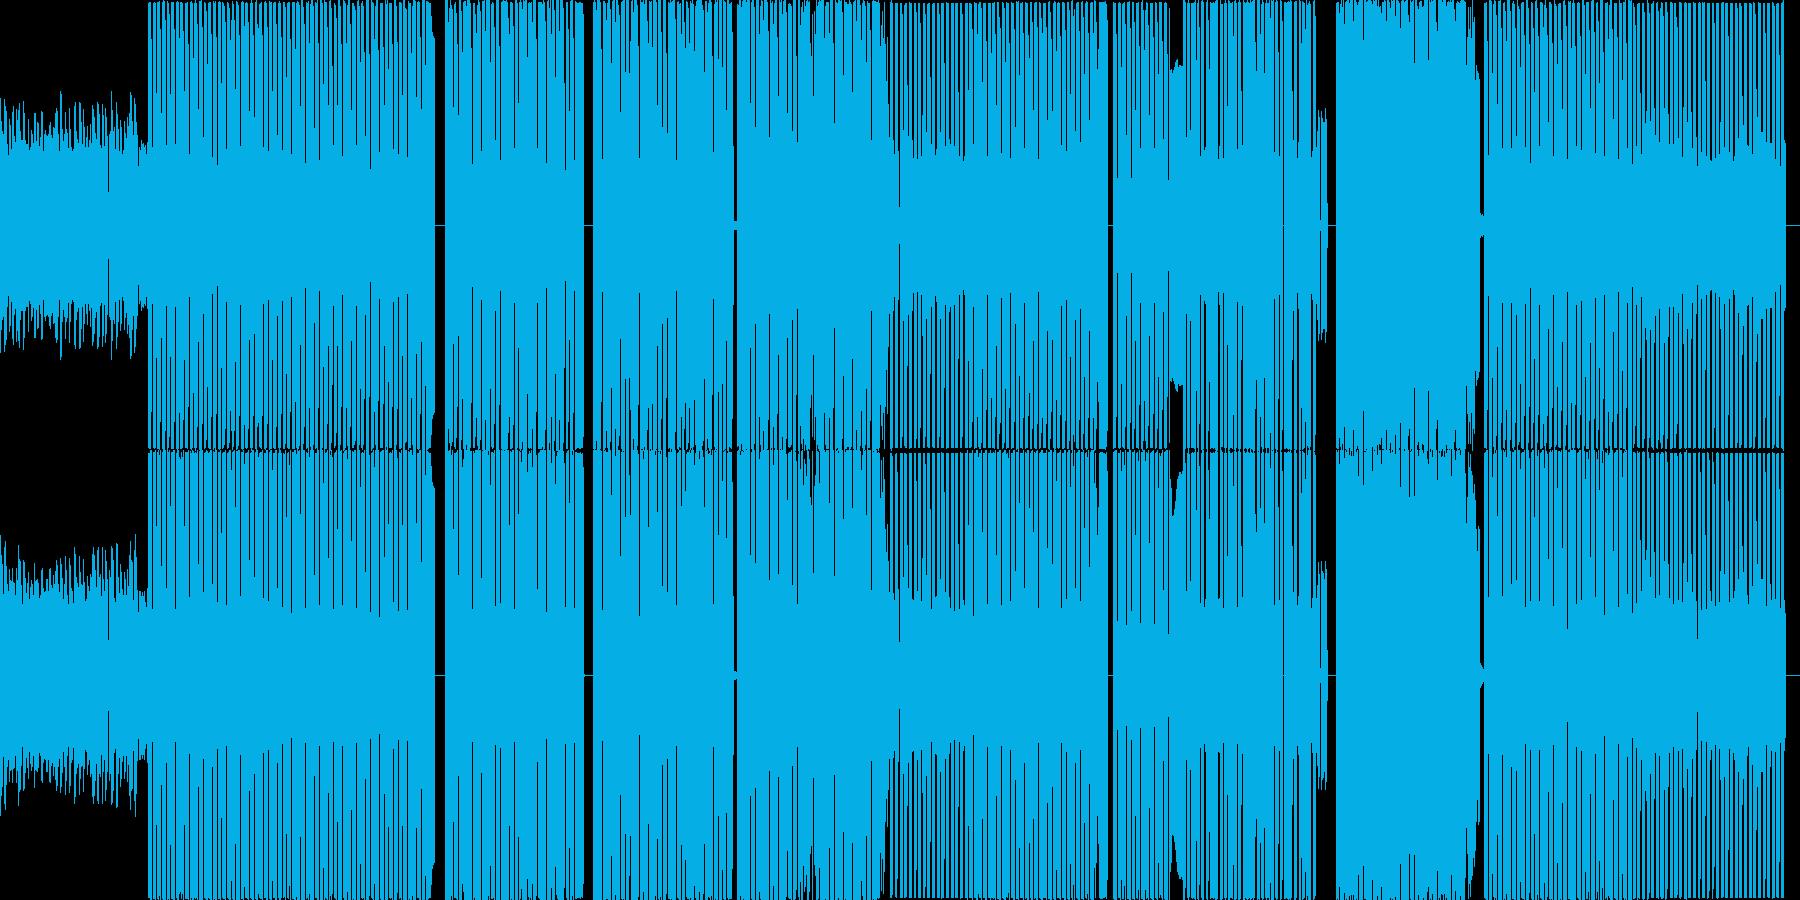 ビデオゲームのようなテクノ曲の再生済みの波形